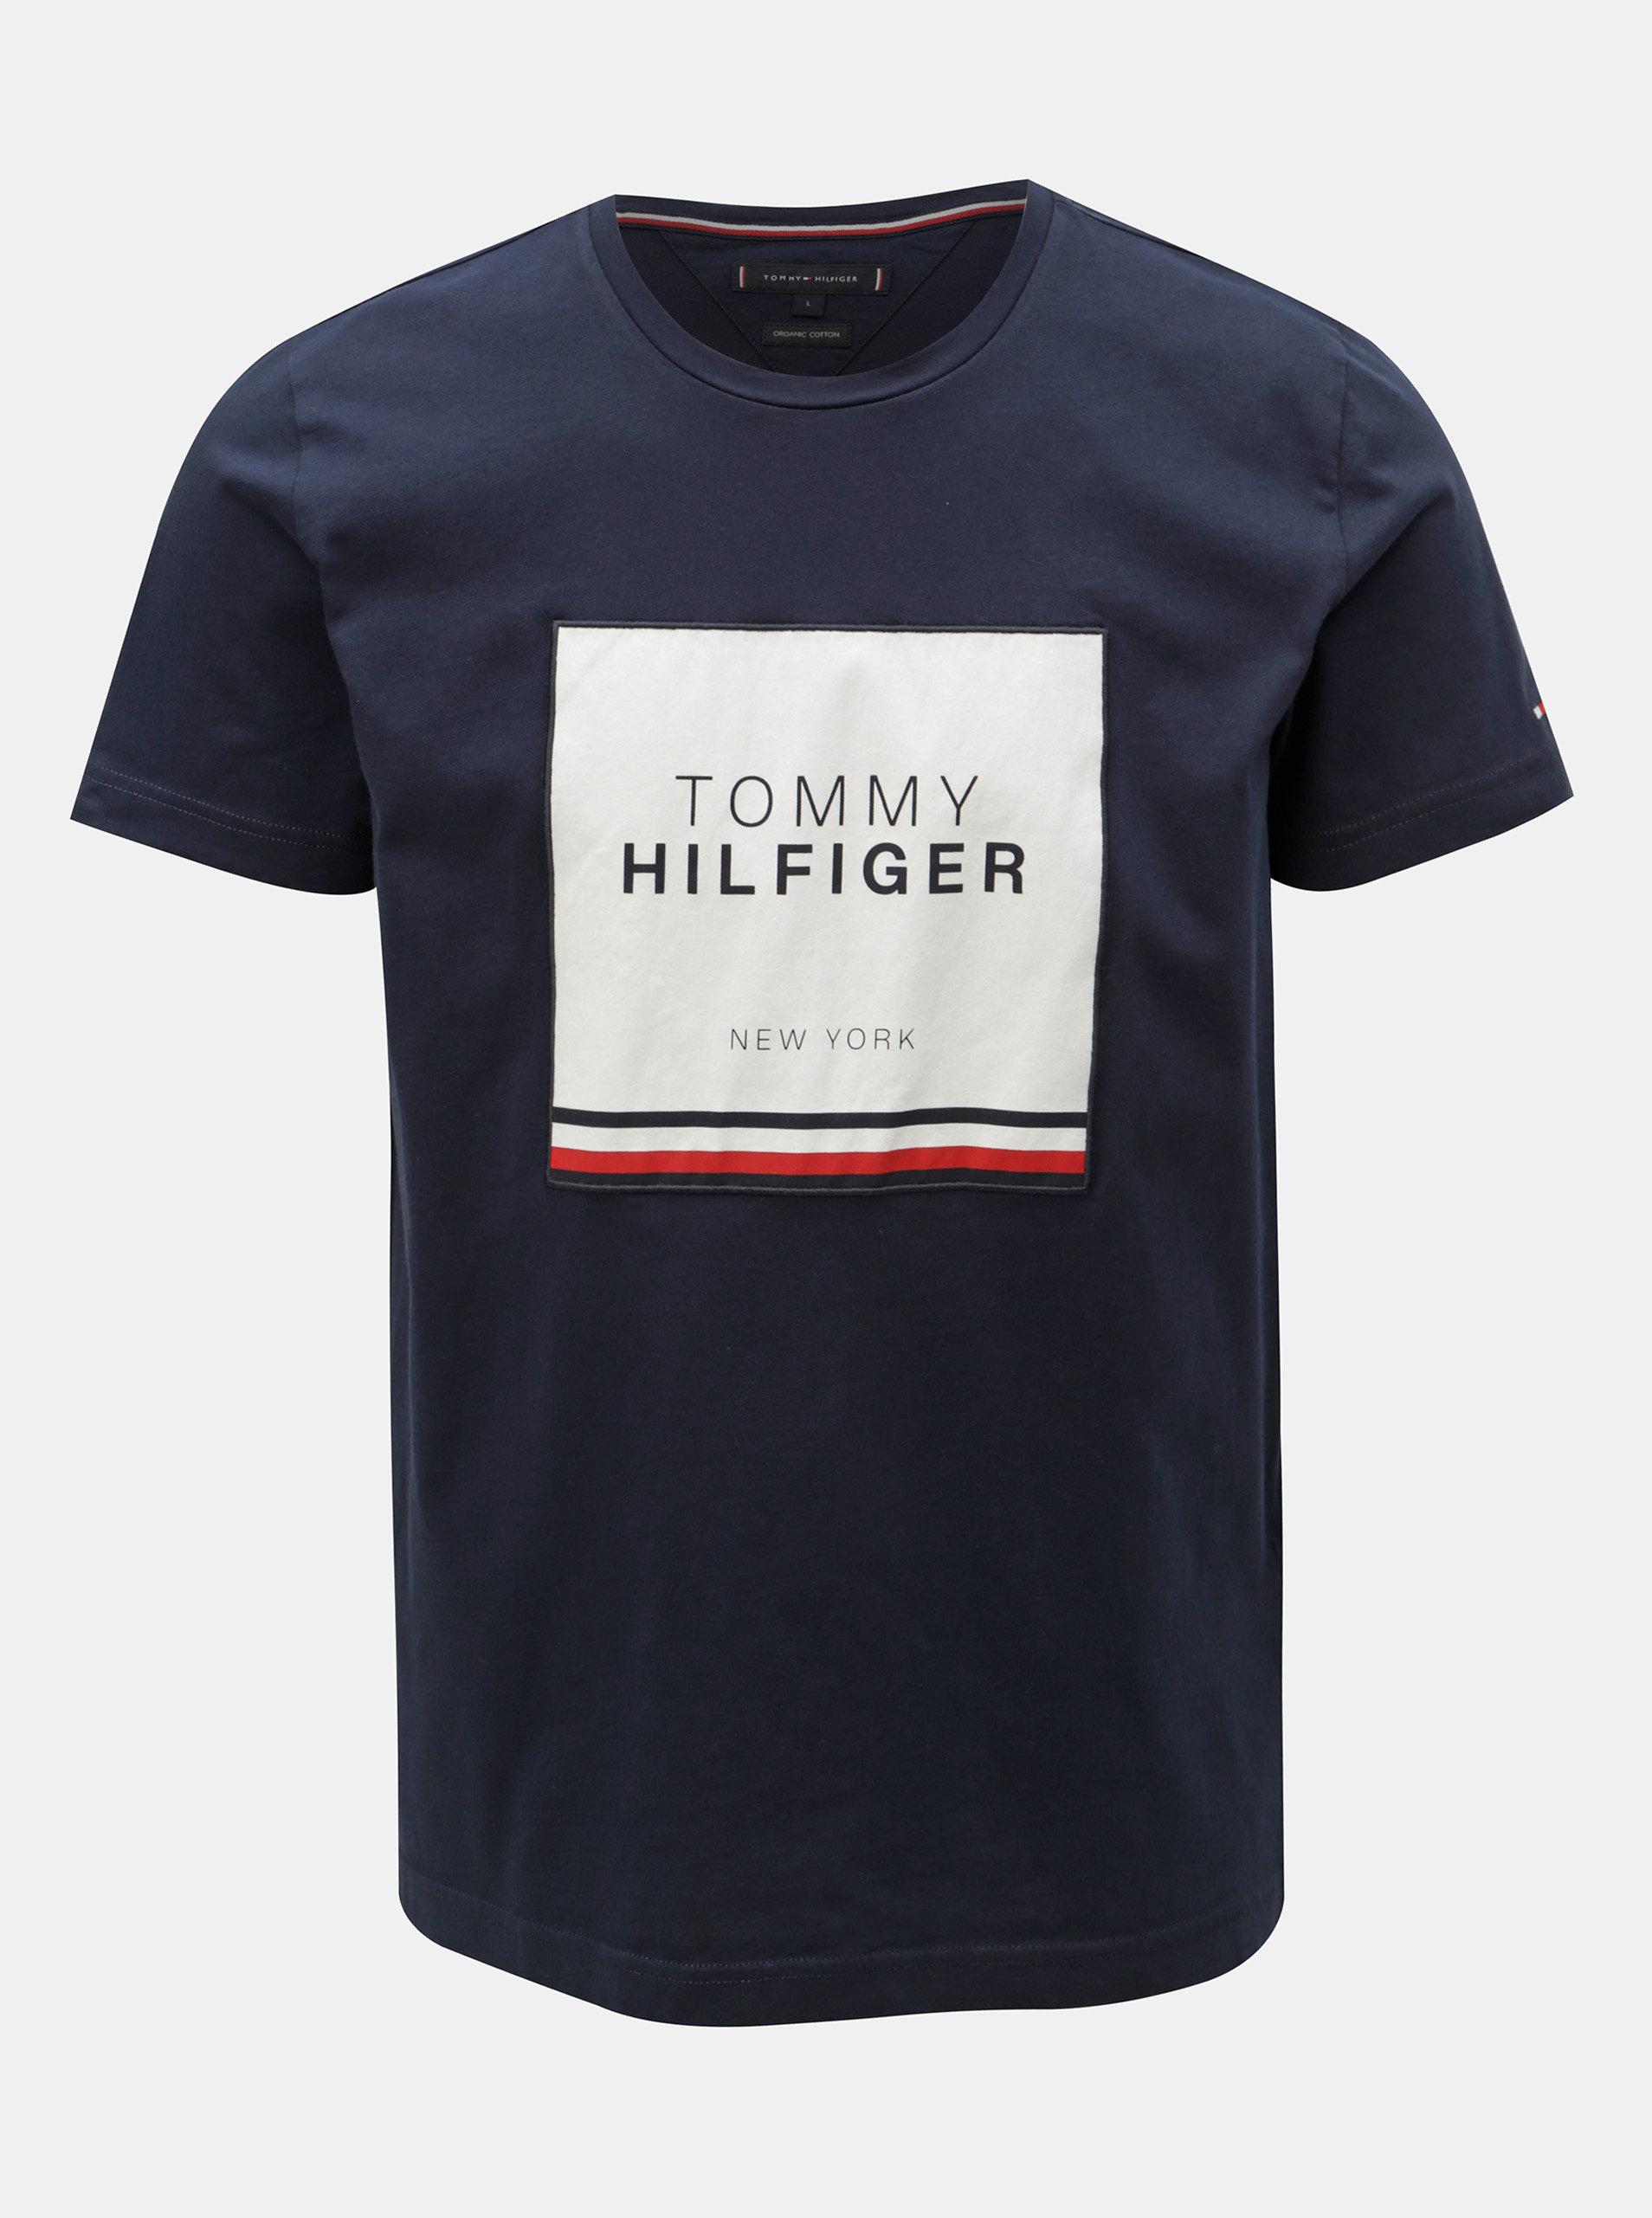 607505a810 Tmavomodré pánske tričko s nášivkou Tommy Hilfiger ...